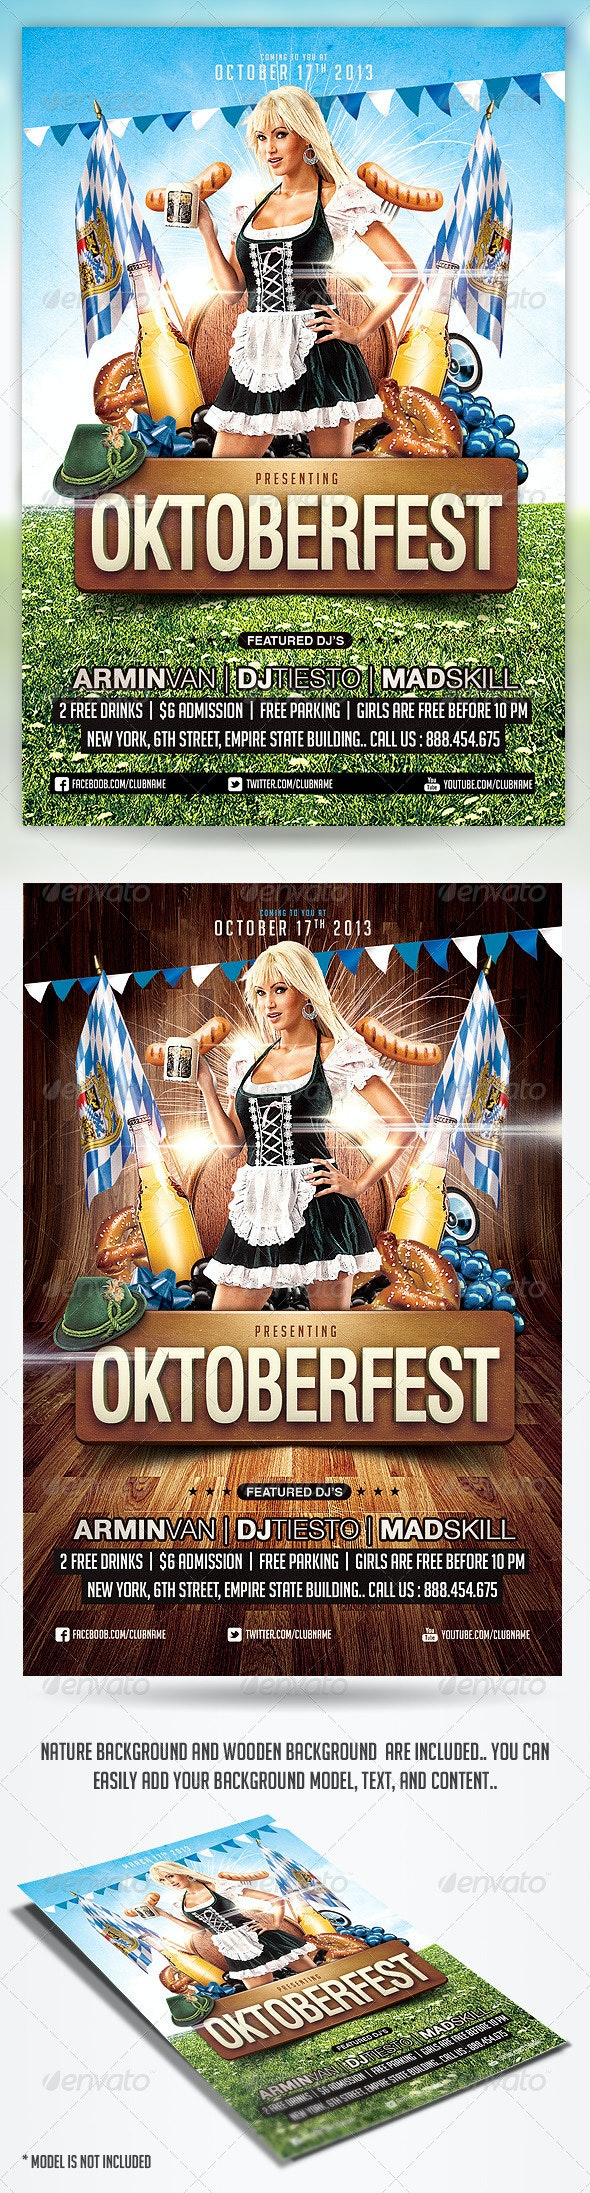 Oktoberfest Party Flyer Template - Holidays Events